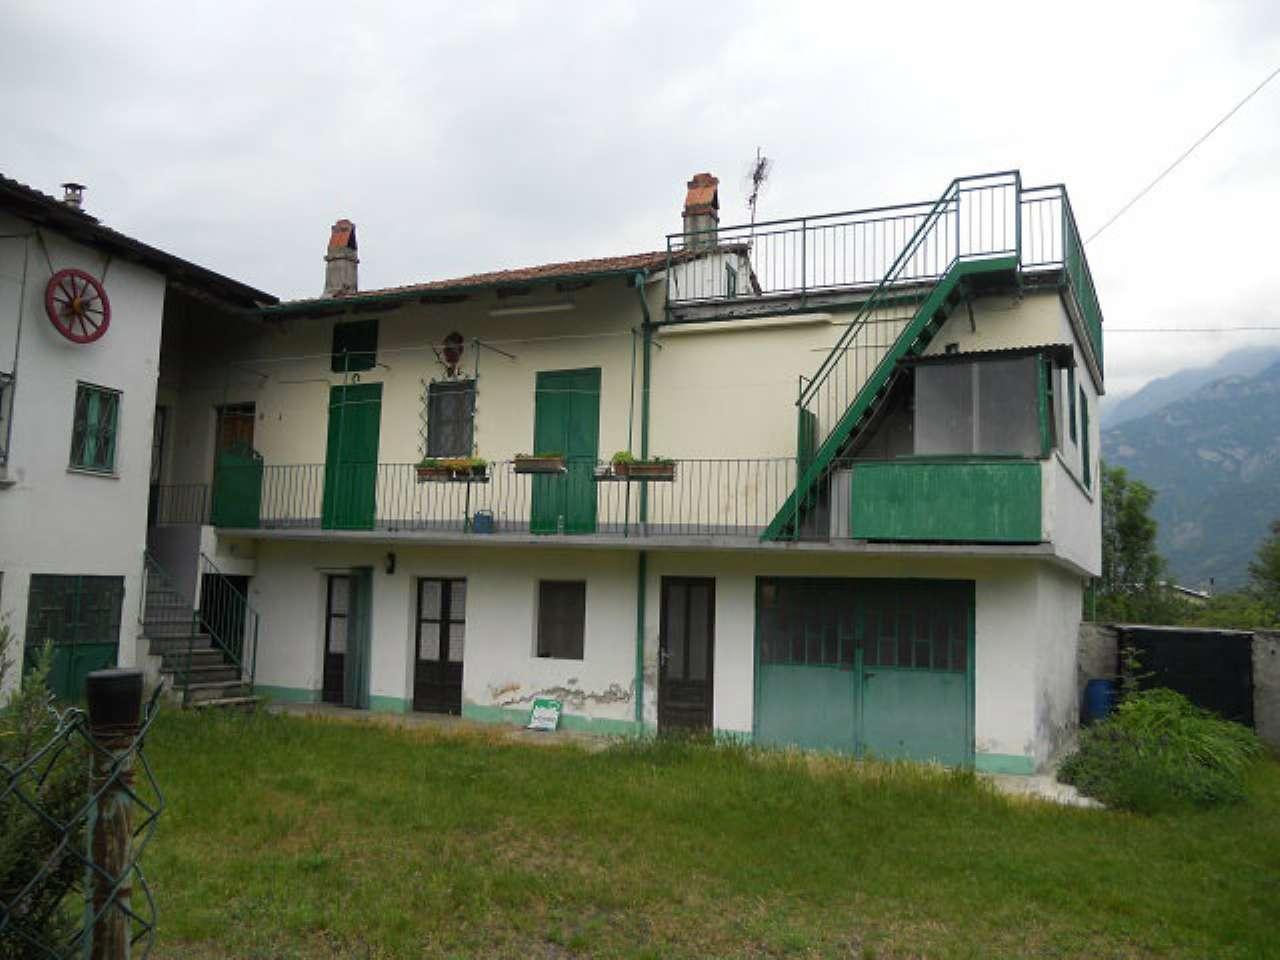 Rustico / Casale in vendita a Bussoleno, 4 locali, prezzo € 10.000 | CambioCasa.it